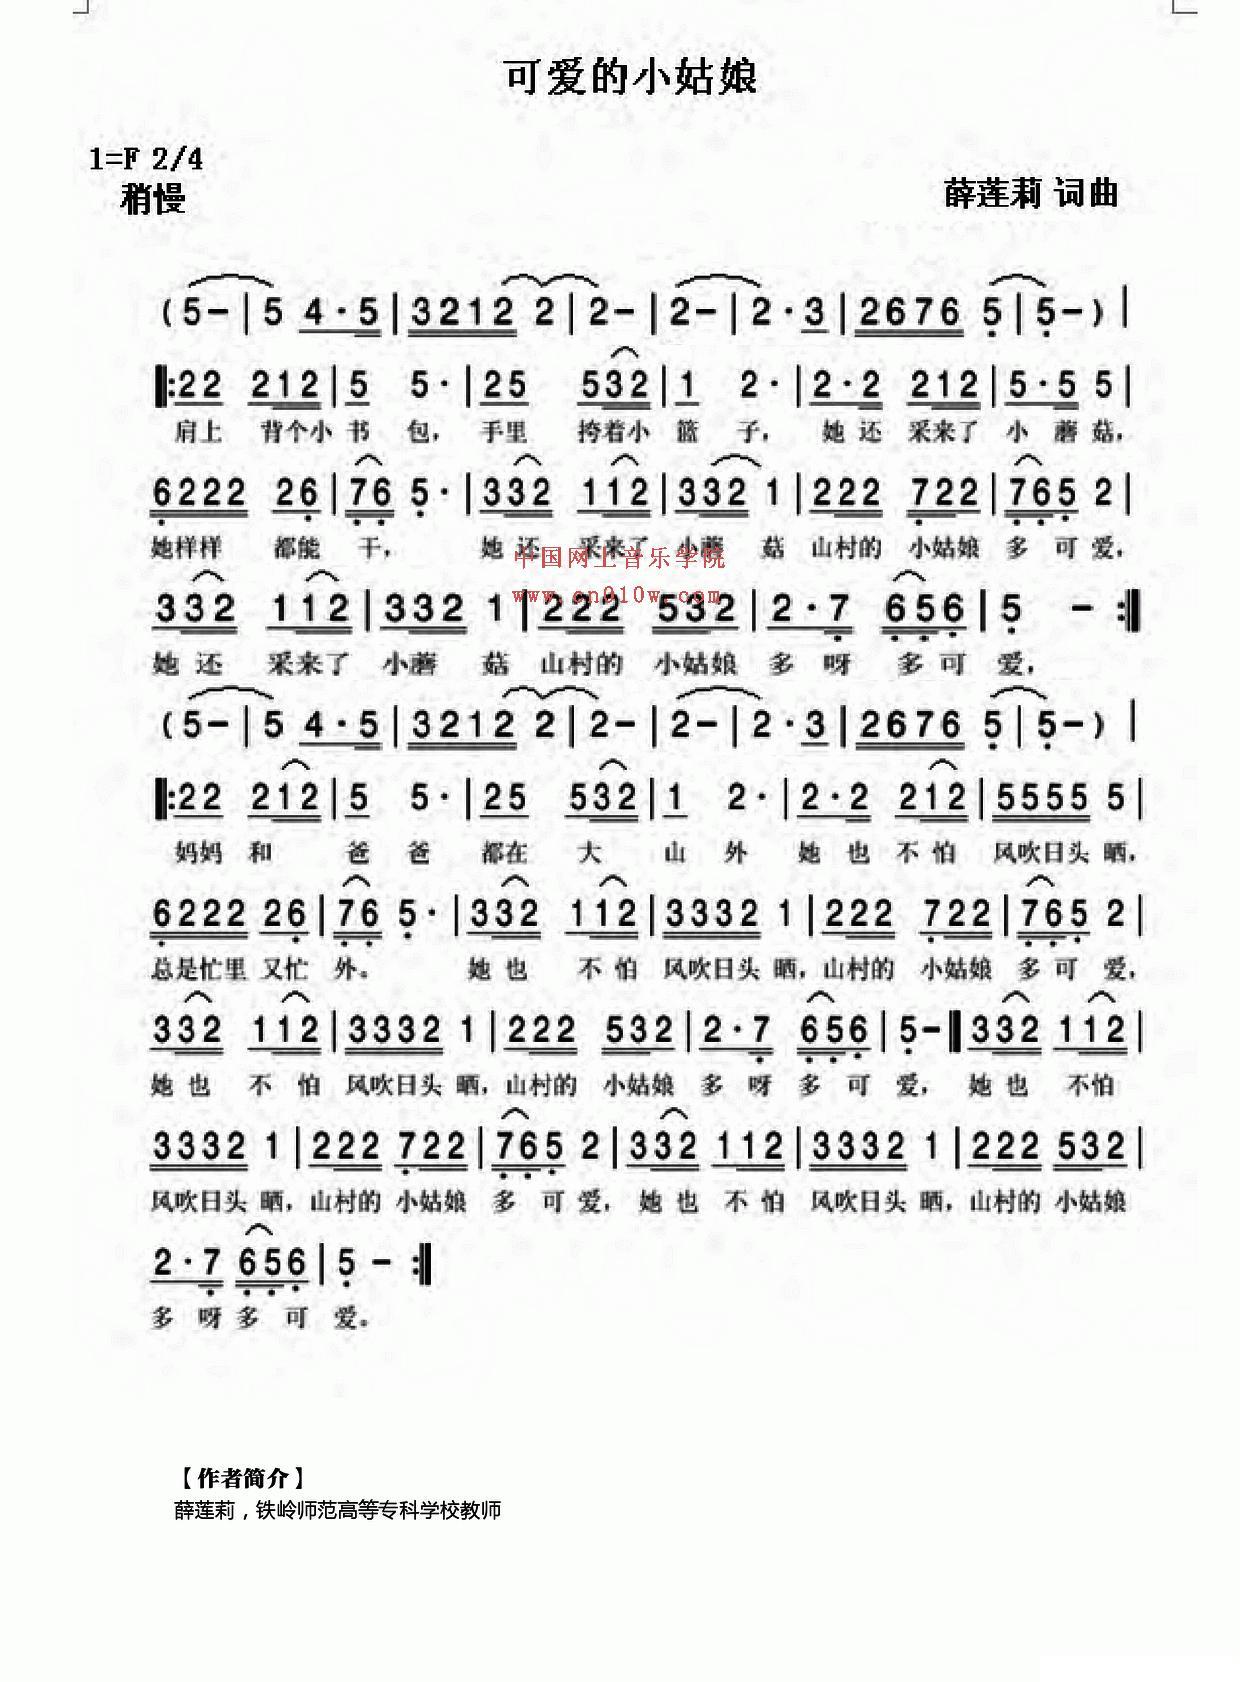 可爱的小姑娘下载 简谱下载 五线谱下载 曲谱网 曲谱大全 中国曲谱